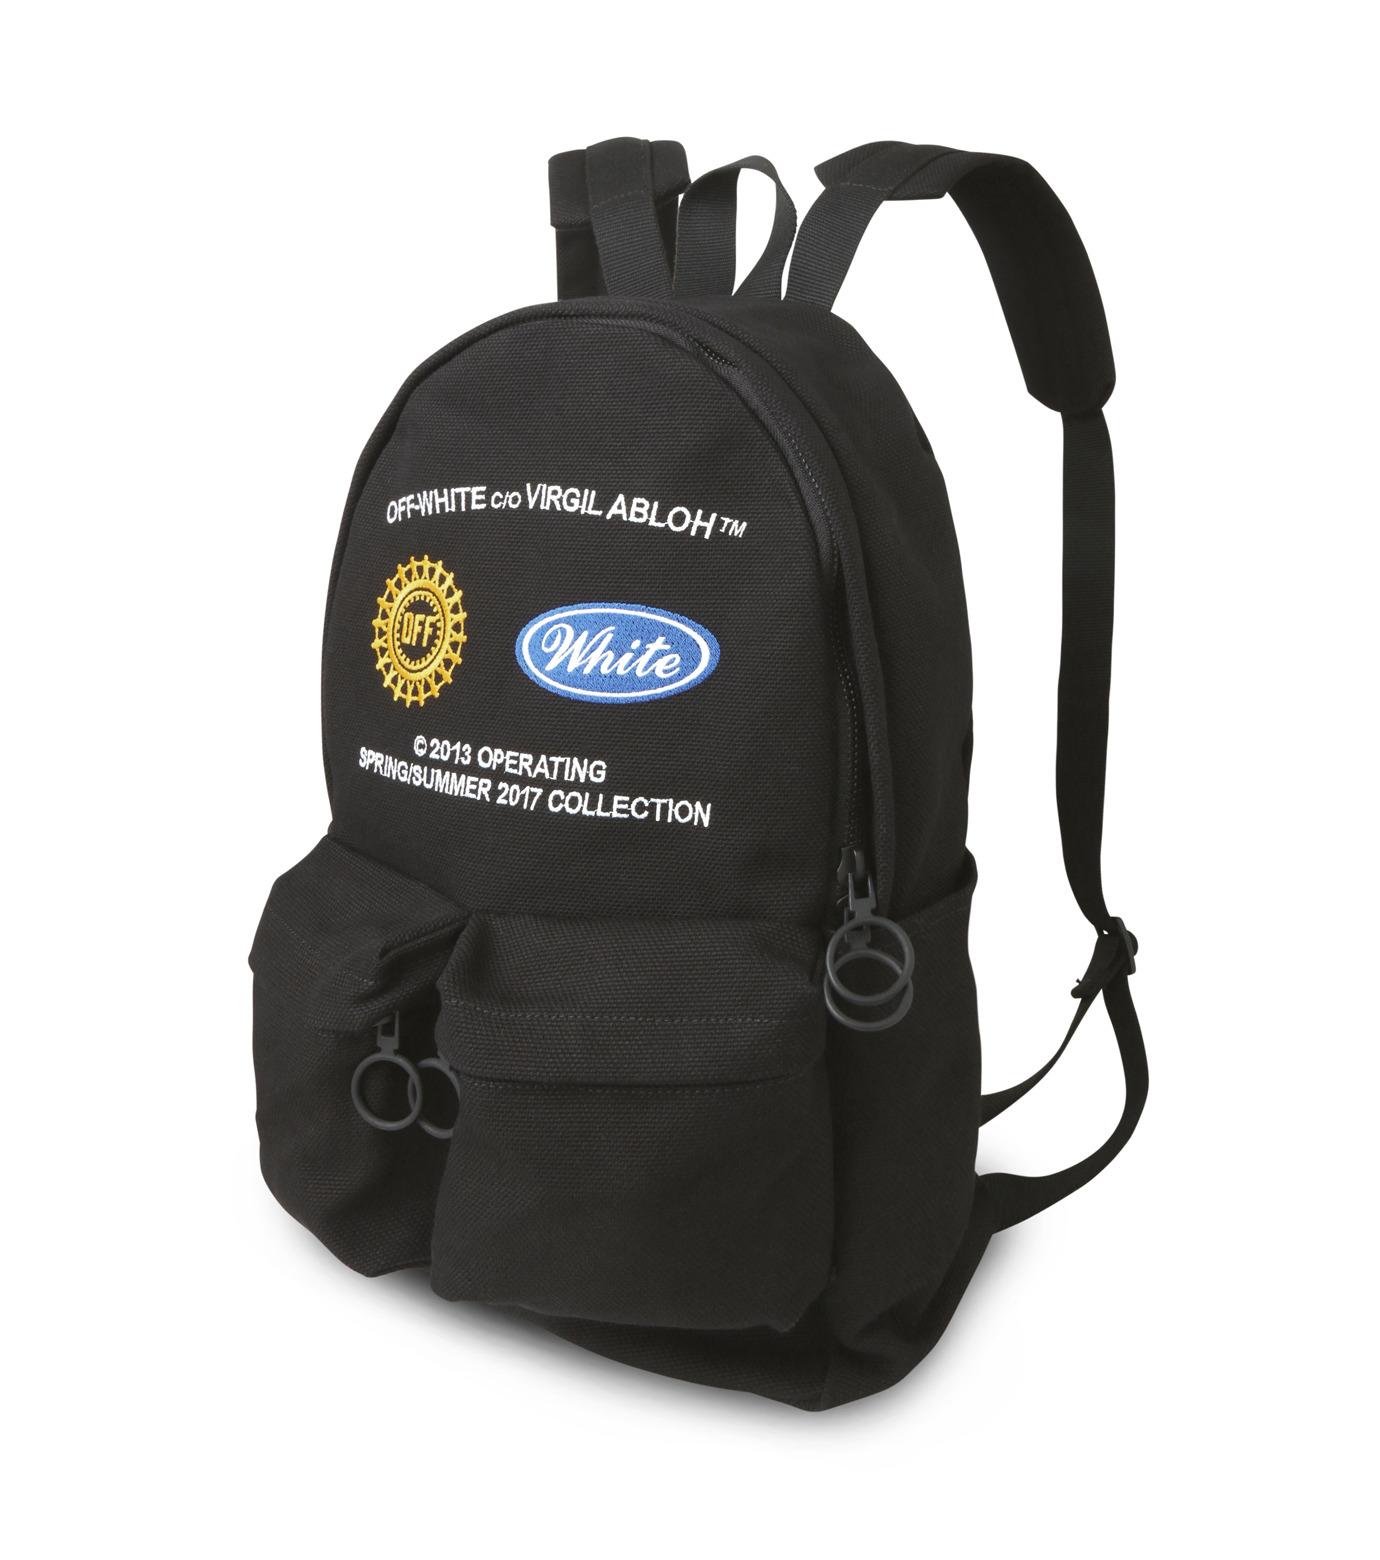 Off White(オフホワイト)のWORK BACKPACK-BLACK(バックパック/backpack)-003S7108075-13 拡大詳細画像2